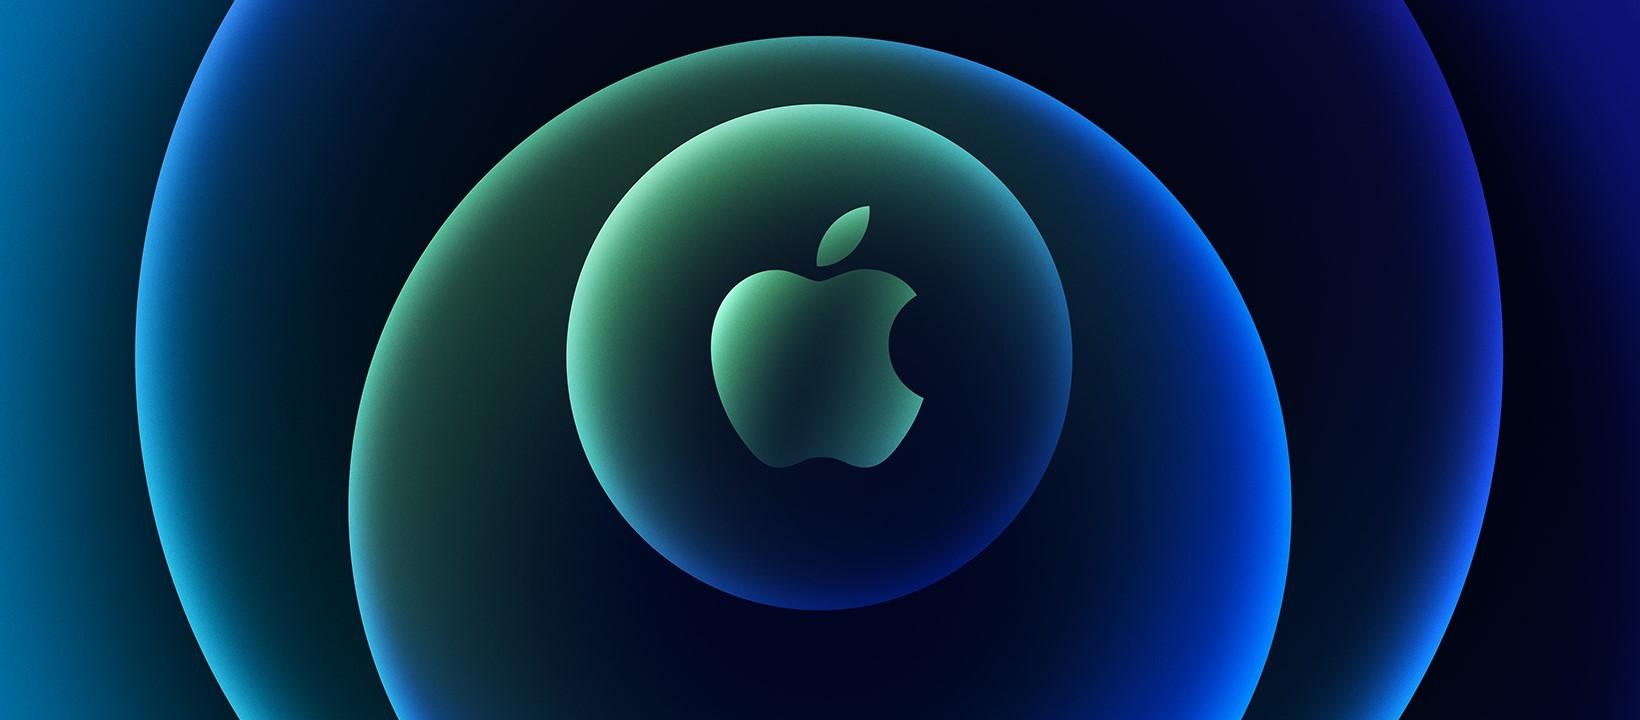 iPhone 12-event uitnodiging: variatie met andere kleuren.